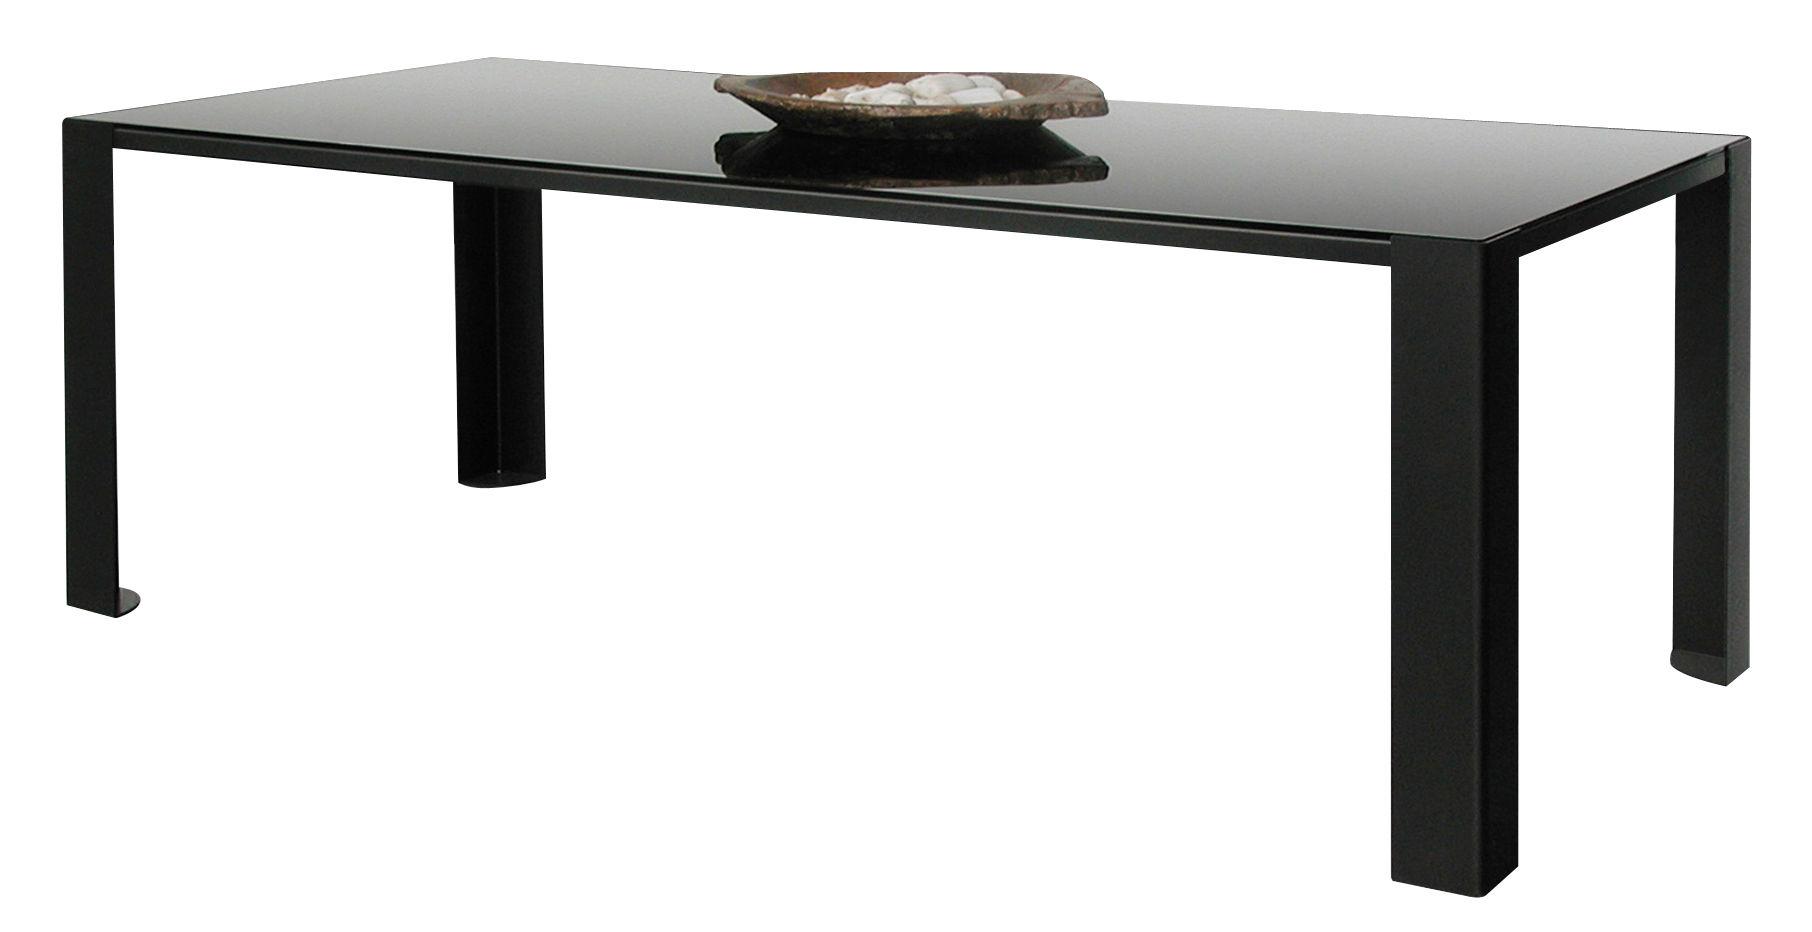 Möbel - Tische - Big Irony Black Glass rechteckiger Tisch Platte: schwarzes Glas - Zeus - Platte: schwarz Glas - 90 x 200 cm - bemalter Stahl, Glas